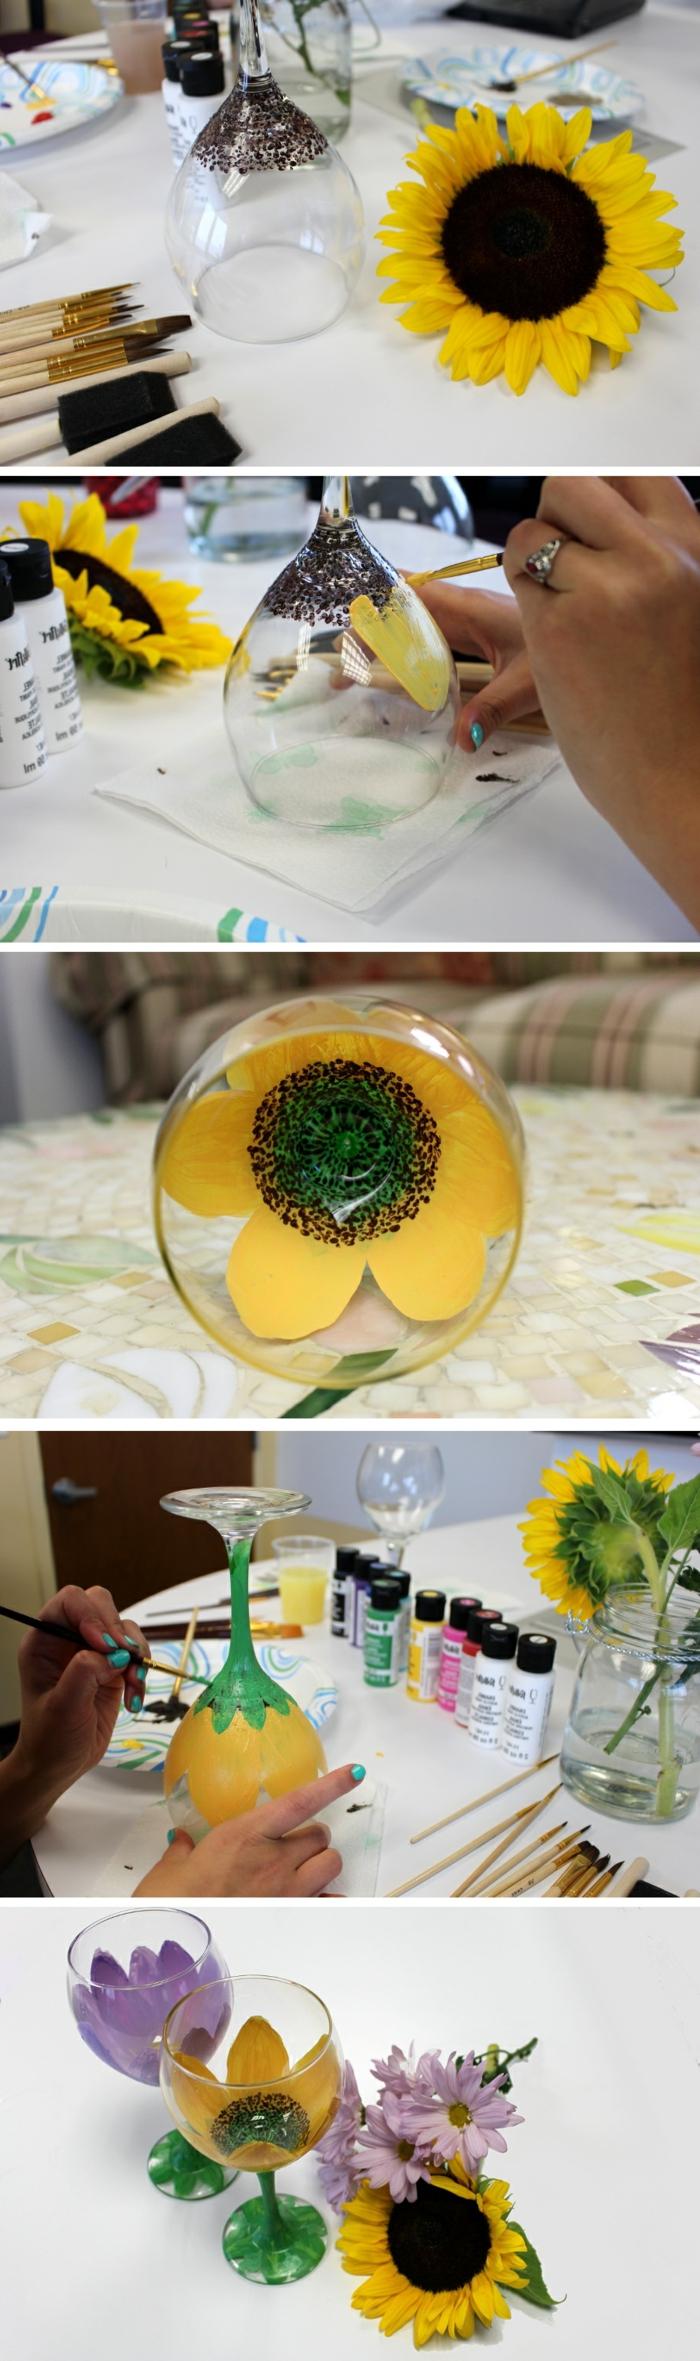 9 weingl C3 A4ser dekorieren sonnenblume malen farbe pinsel blumen glasdeko